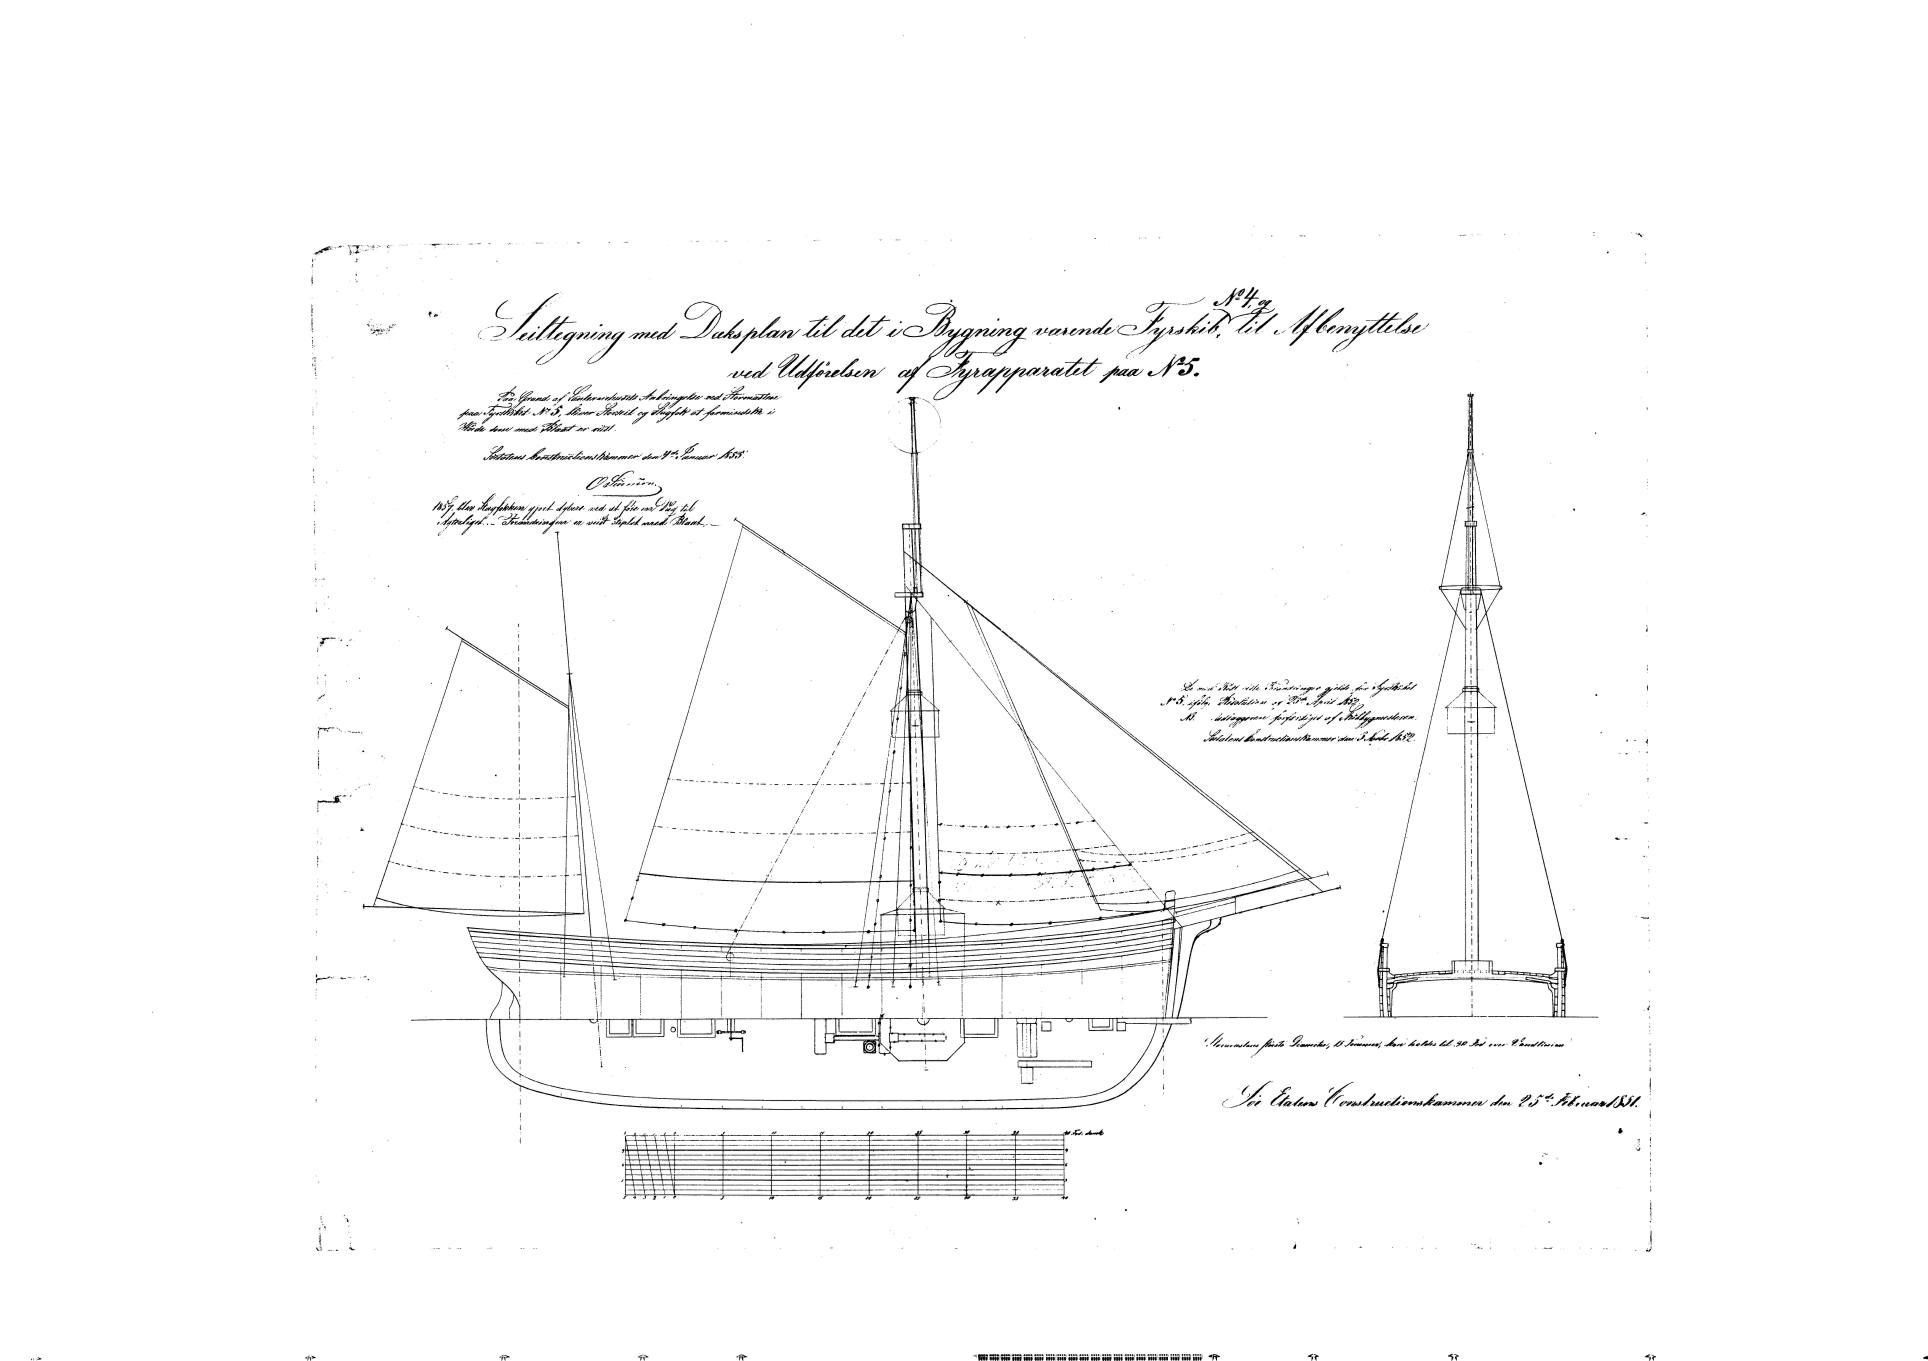 Sejl tegning til Fyrskib no. IV - V